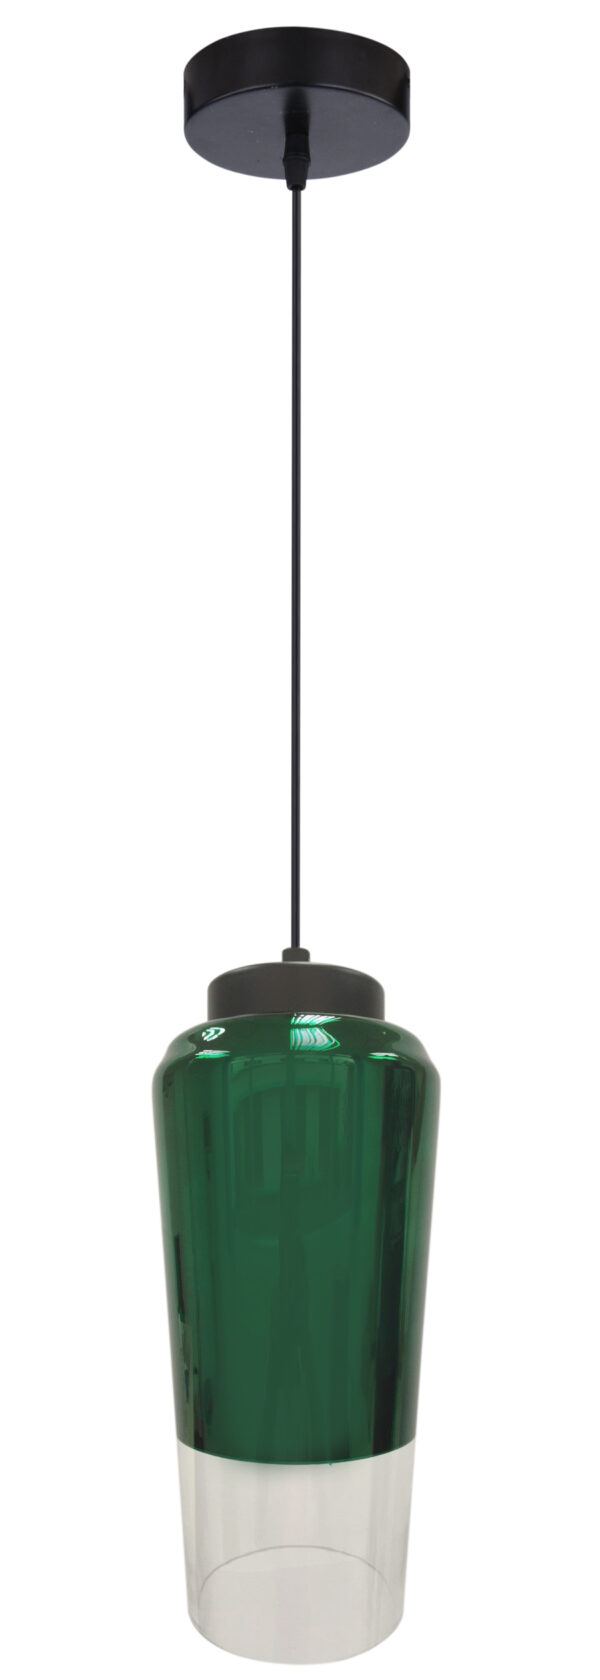 TUBE LAMPA WISZĄCA 13 1X60W E27 ZIELONY - 31-51264